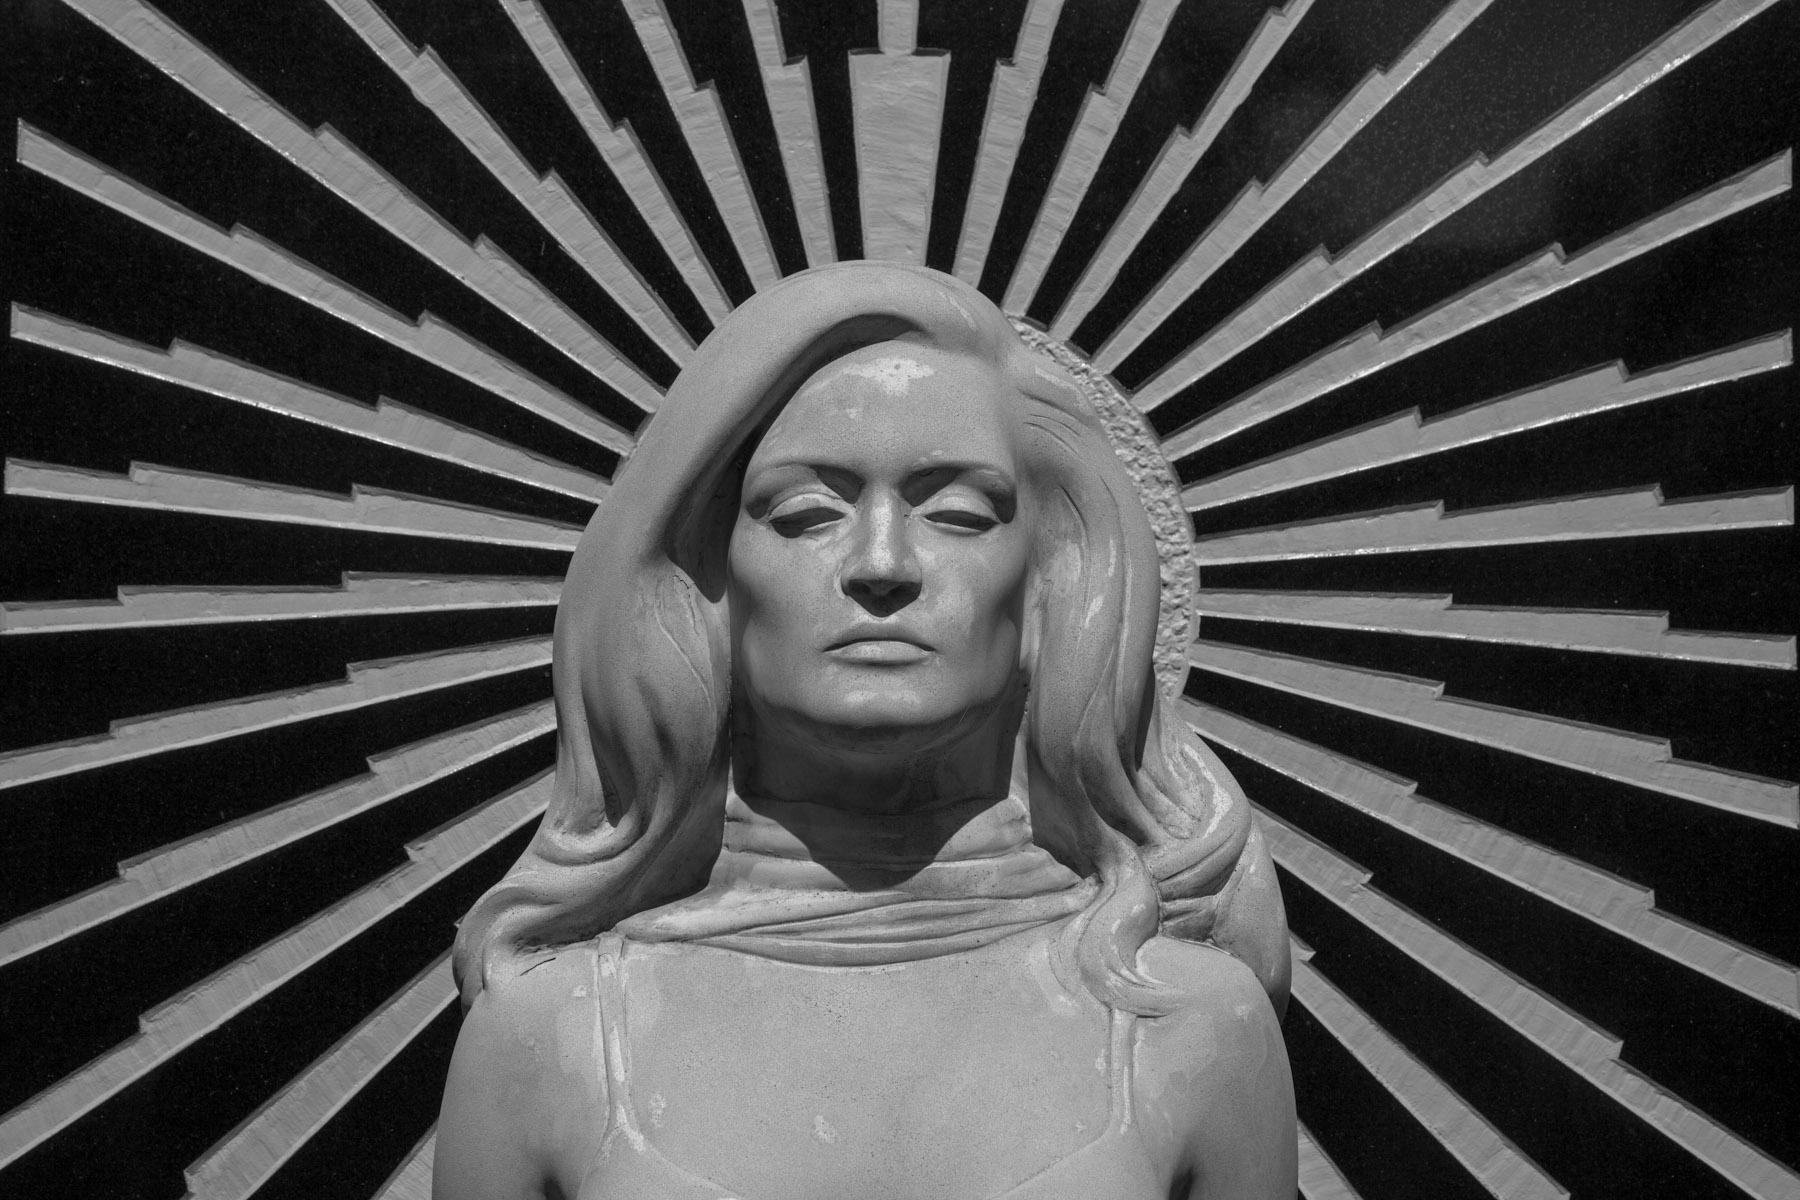 La tomba di Dalida al cimitero Pere Lachaise a Parigi